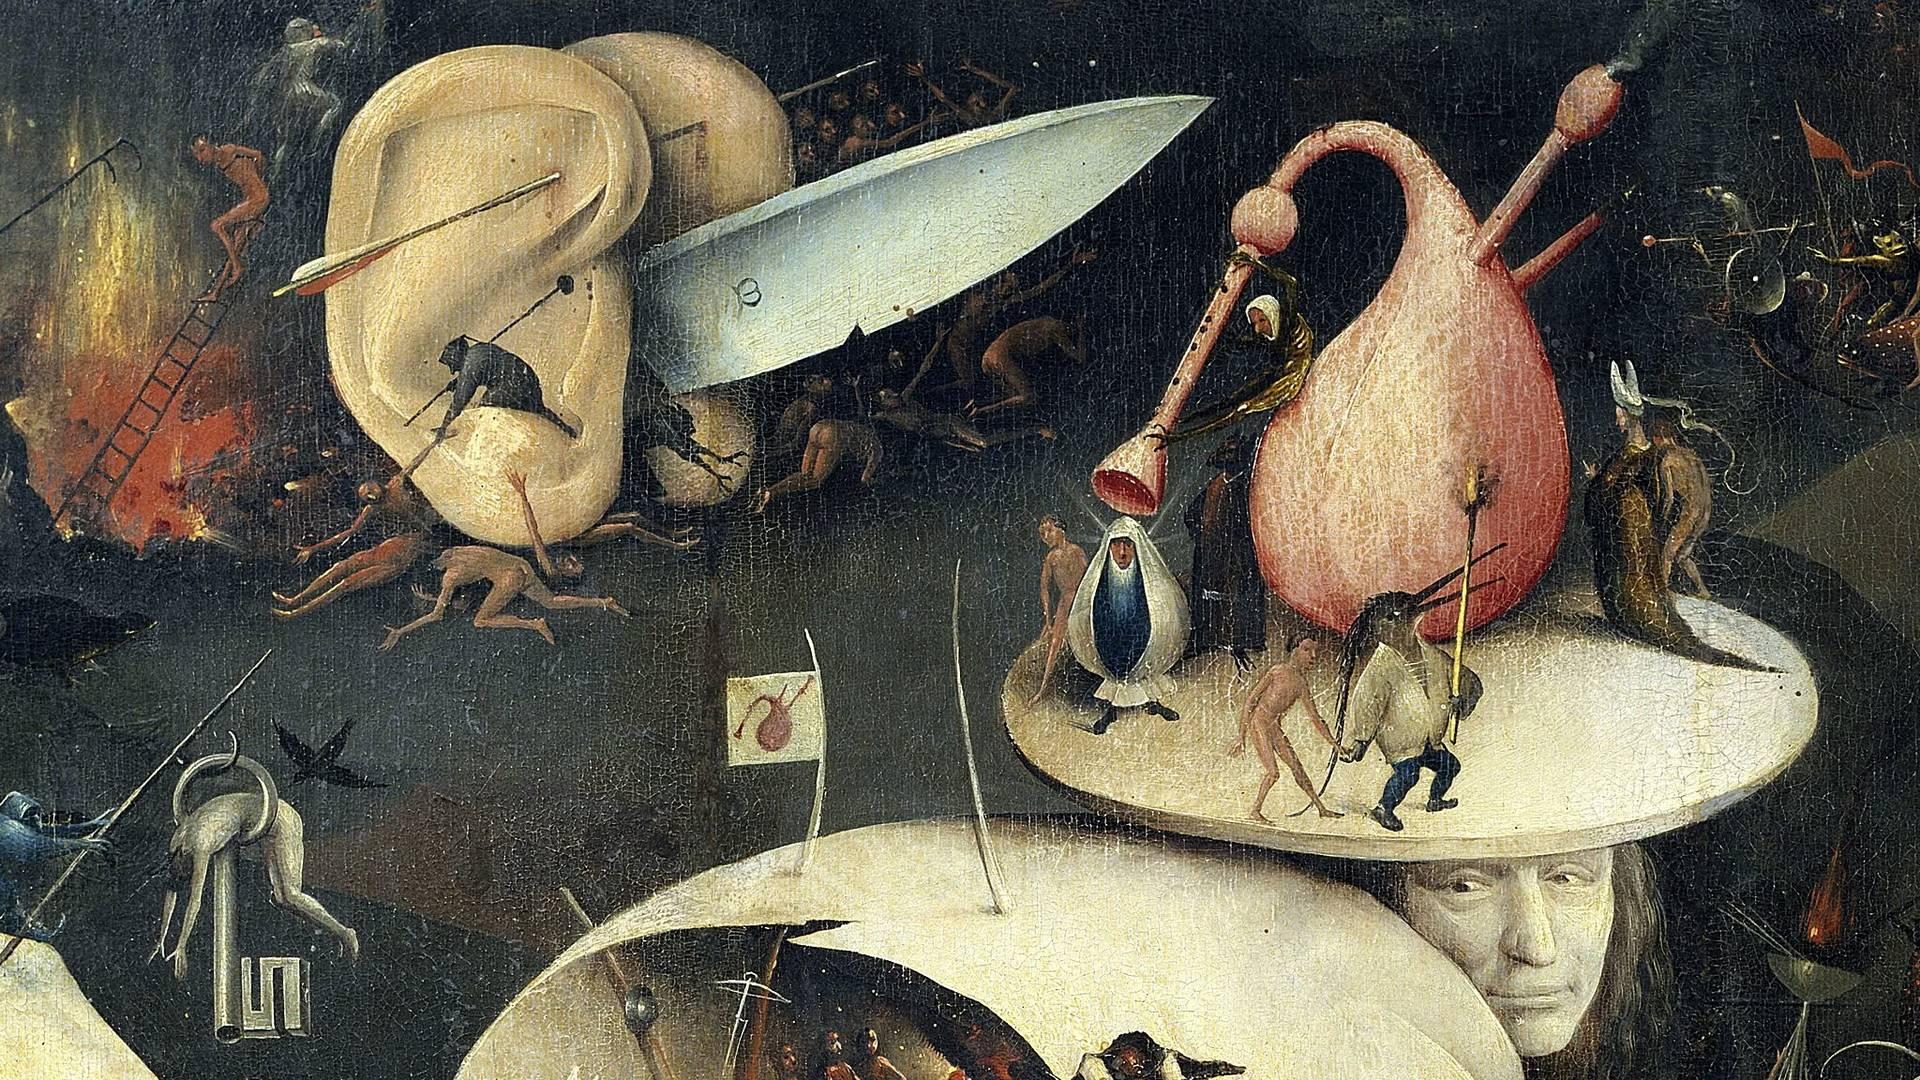 Иероним Босх. Сад земных наслаждений (фрагмент). 1500 - 1510